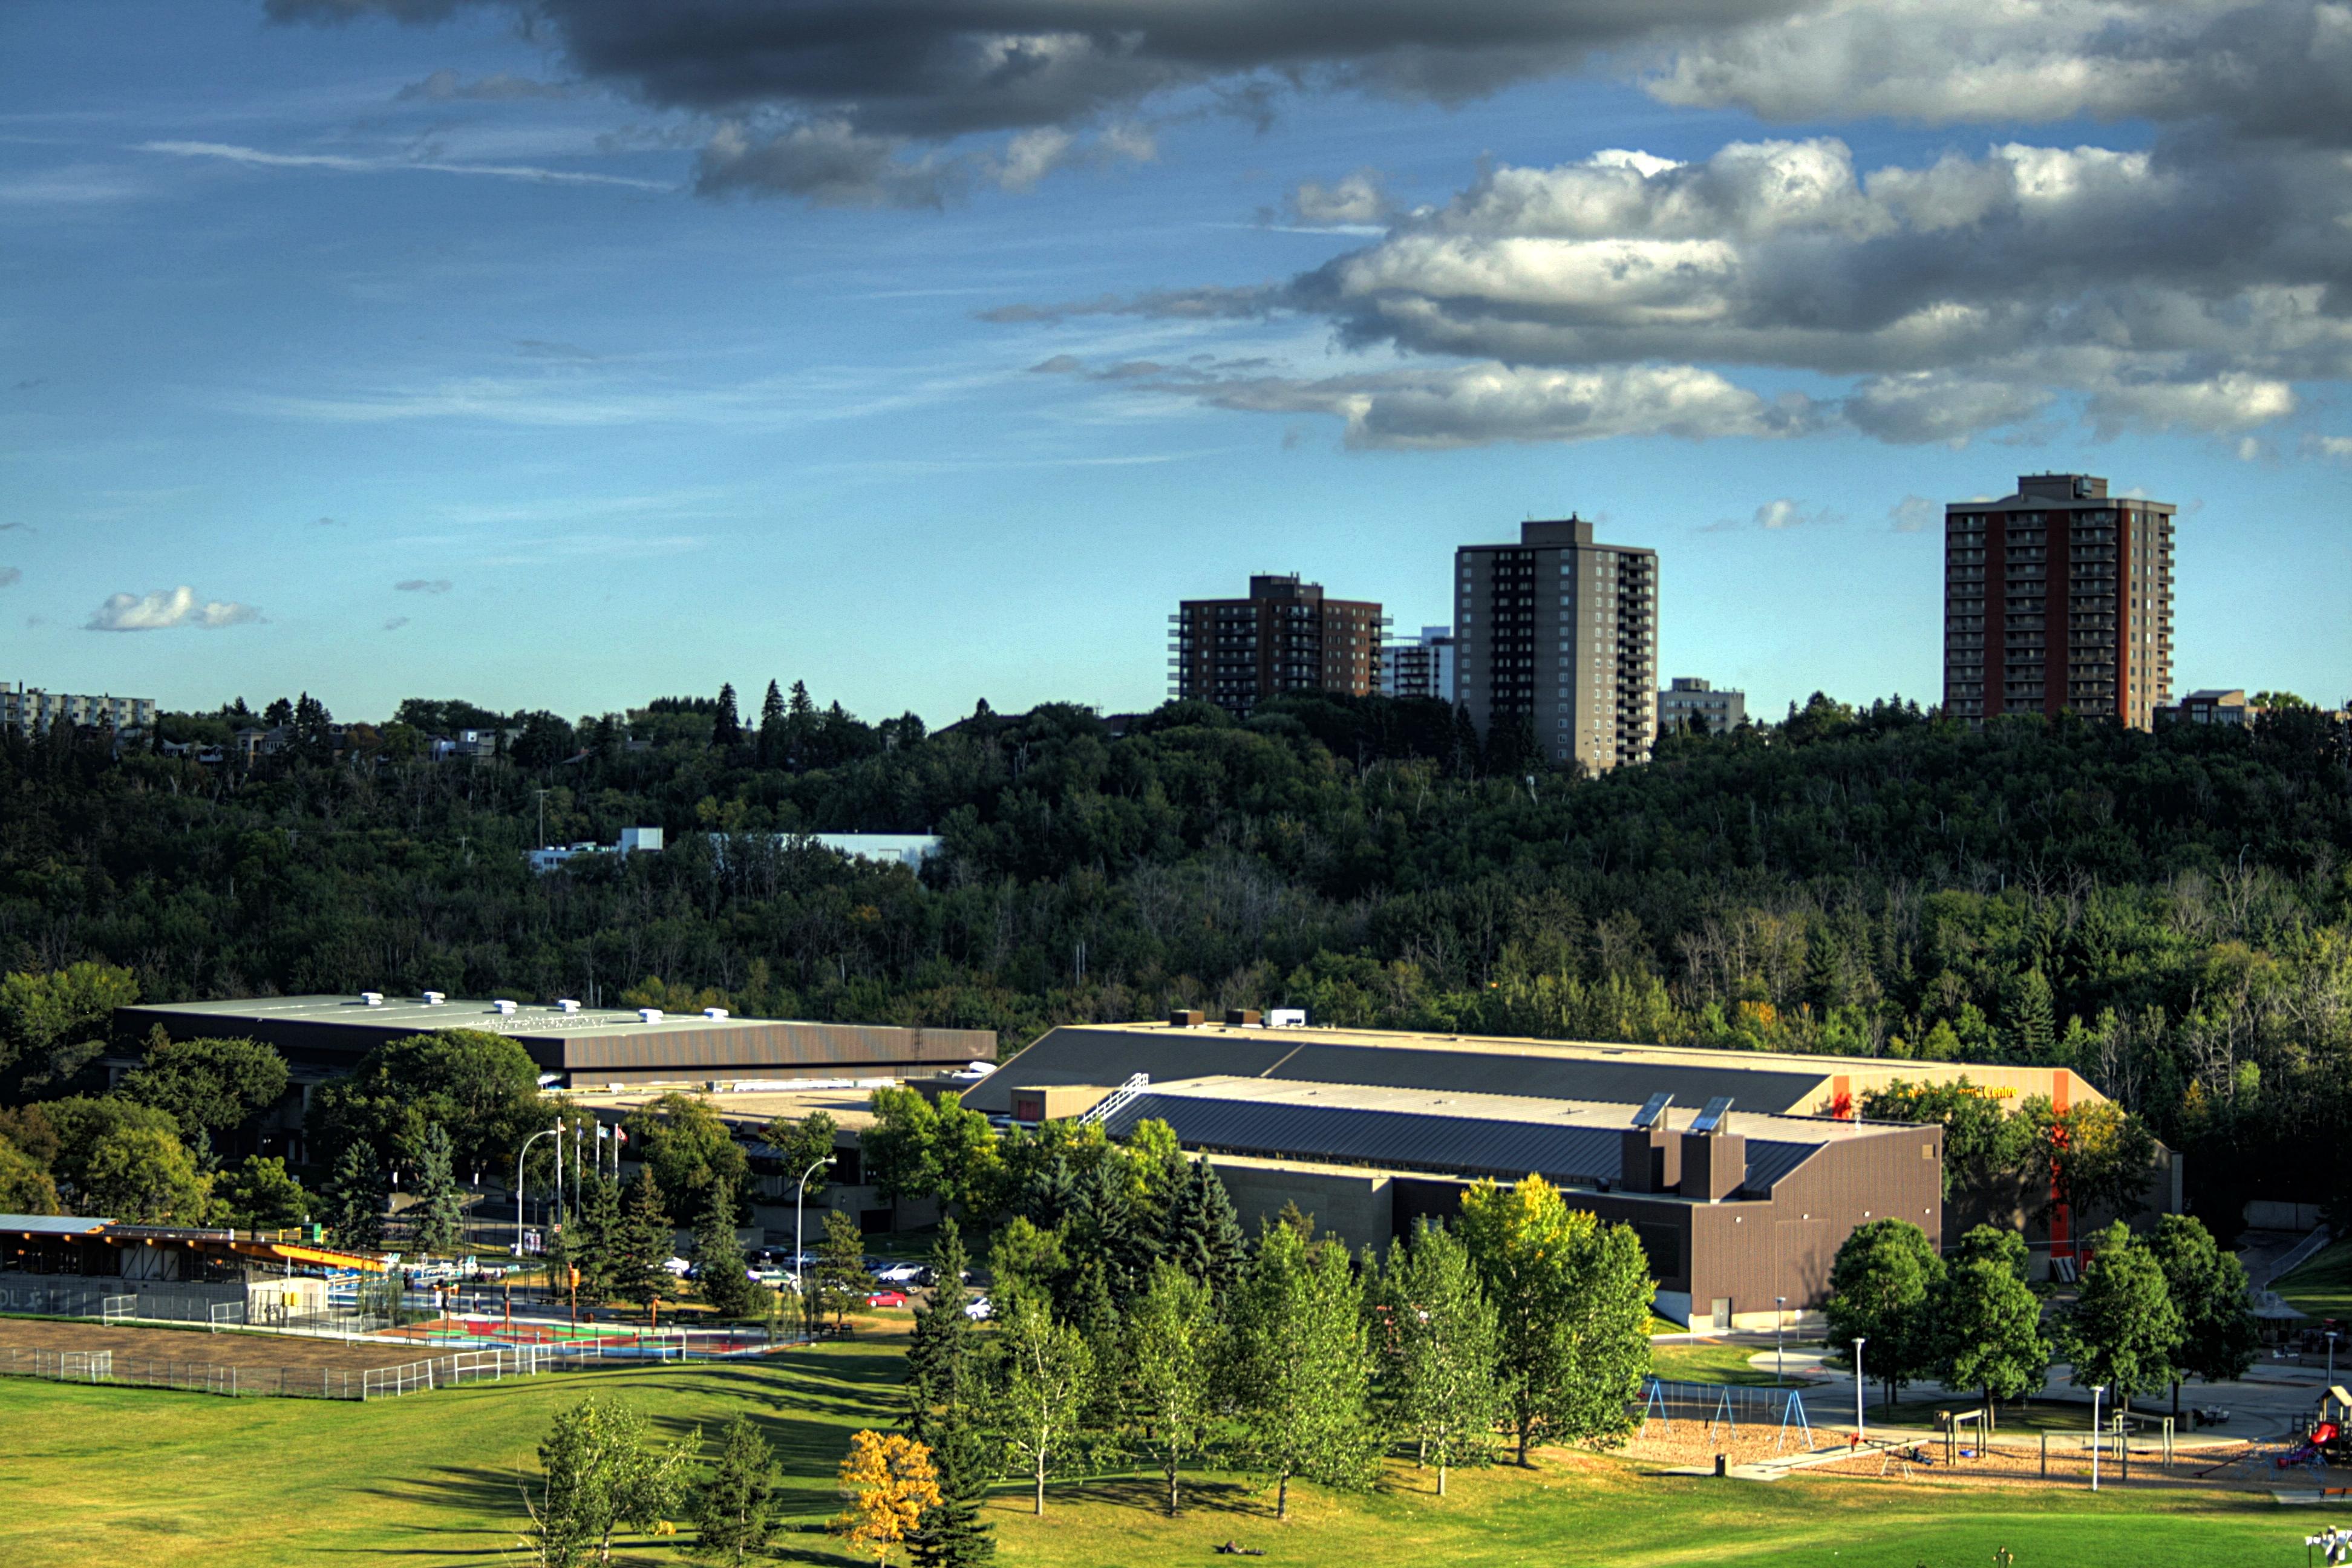 Description kinsmen-sports-centre-edmonton-alberta-canada-01a